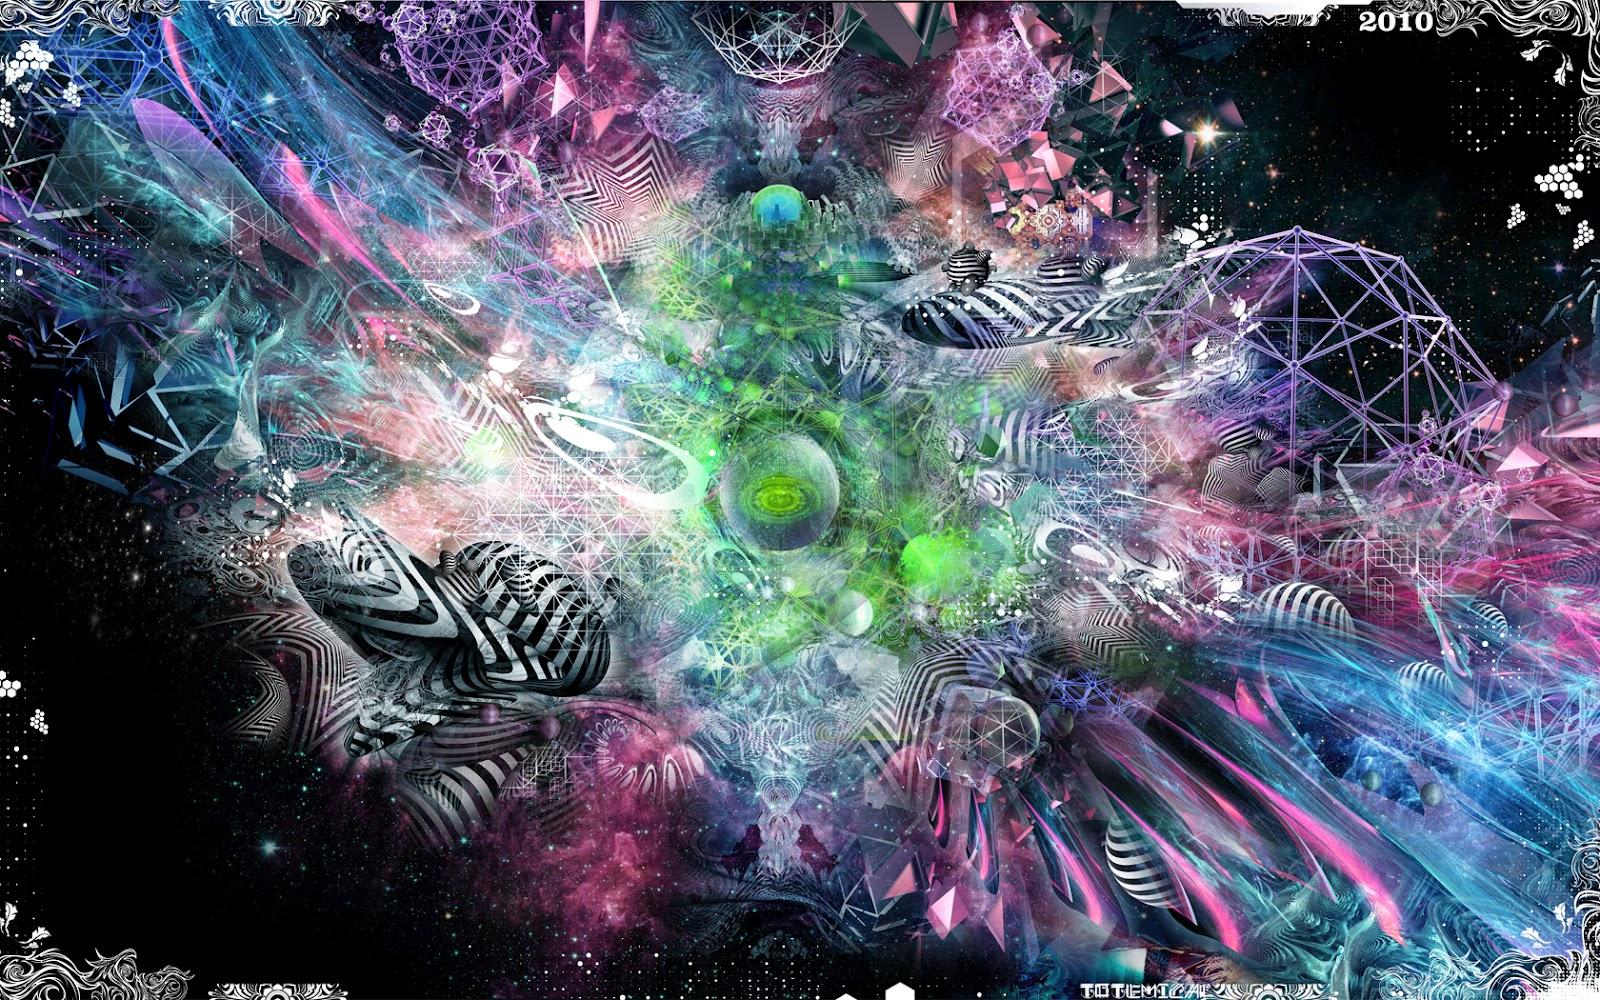 Galaxy Trippy Psychedelic Art Wallpaper Desktop Hd 1600 X 1000